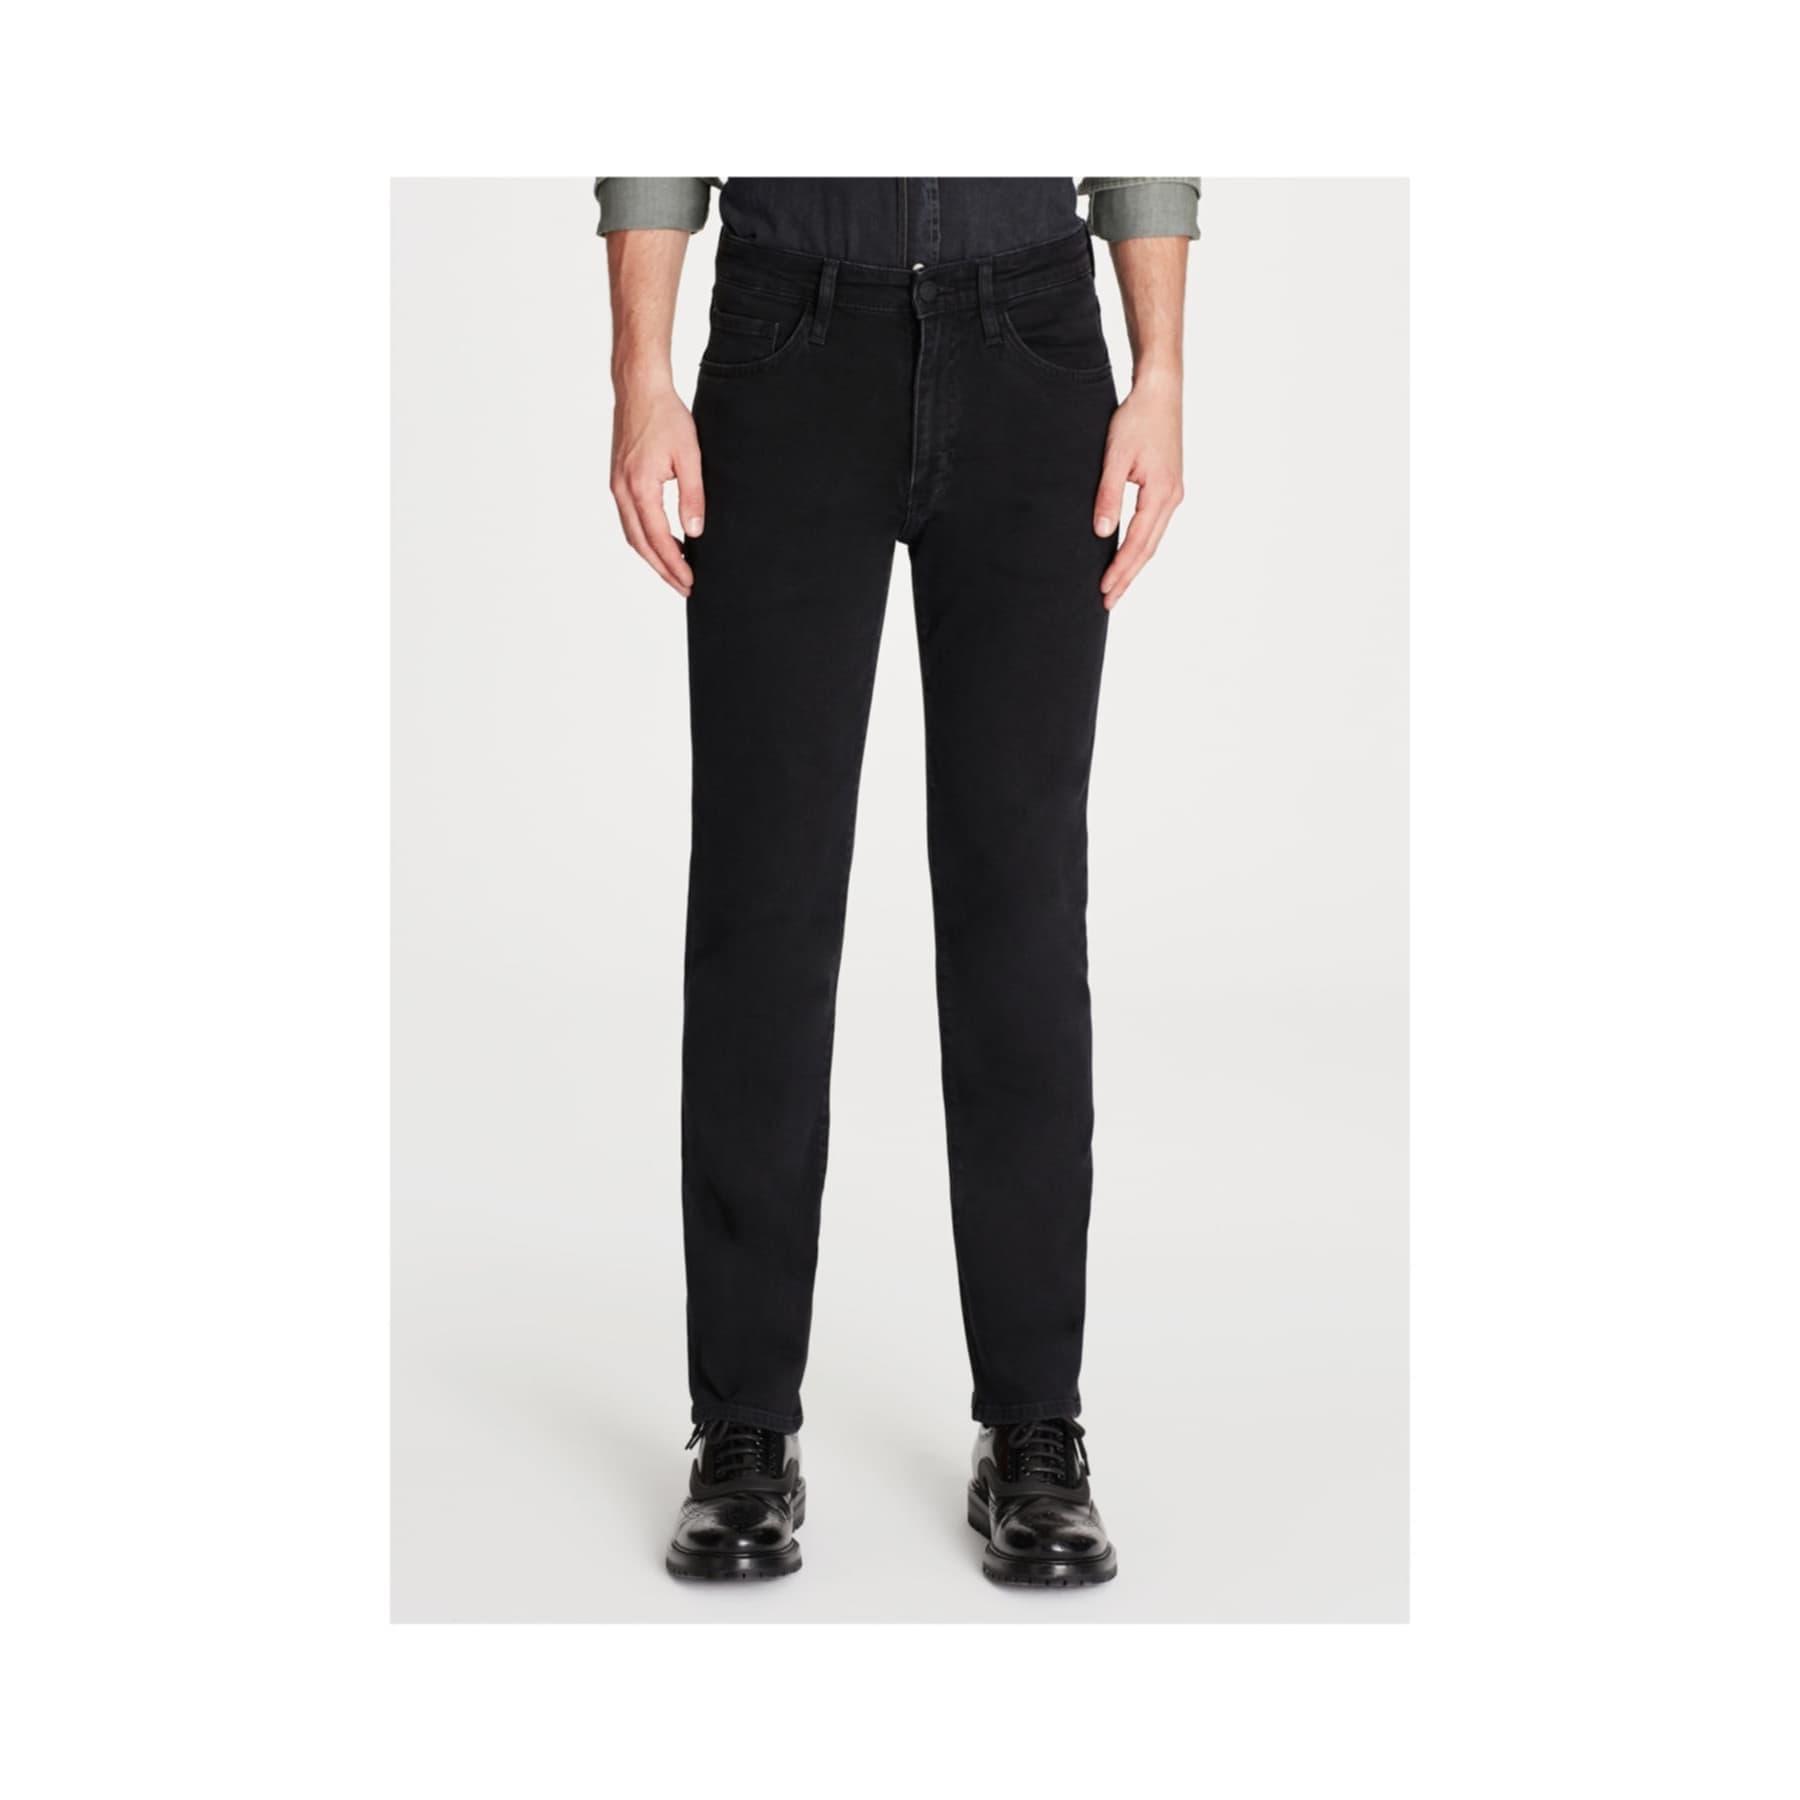 177 Comfort Erkek Gri Kot Pantolon